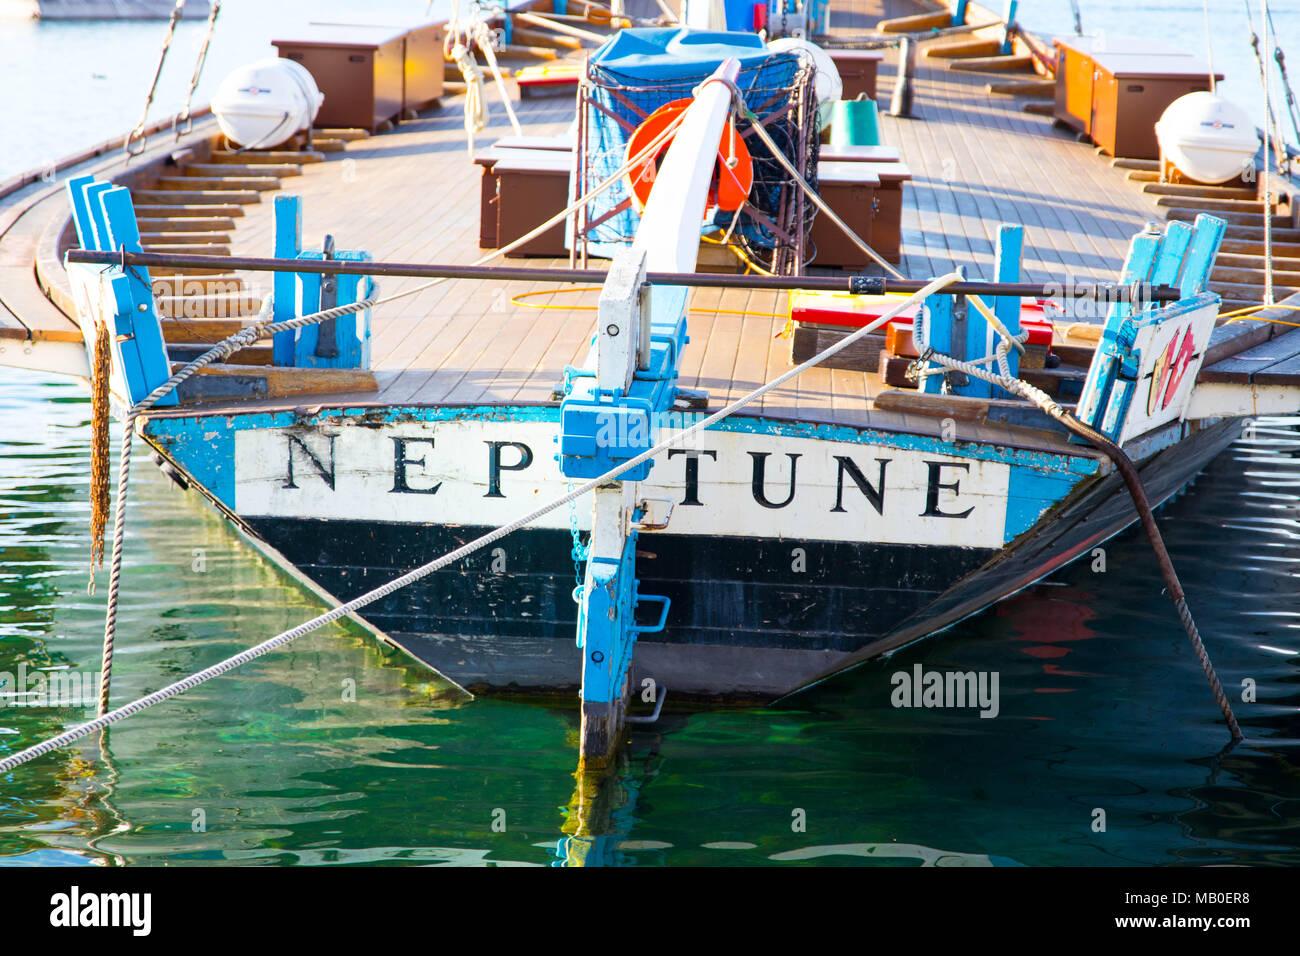 Famous old vintage Boat Neptune on the lake leman geneva switzerland - Stock Image